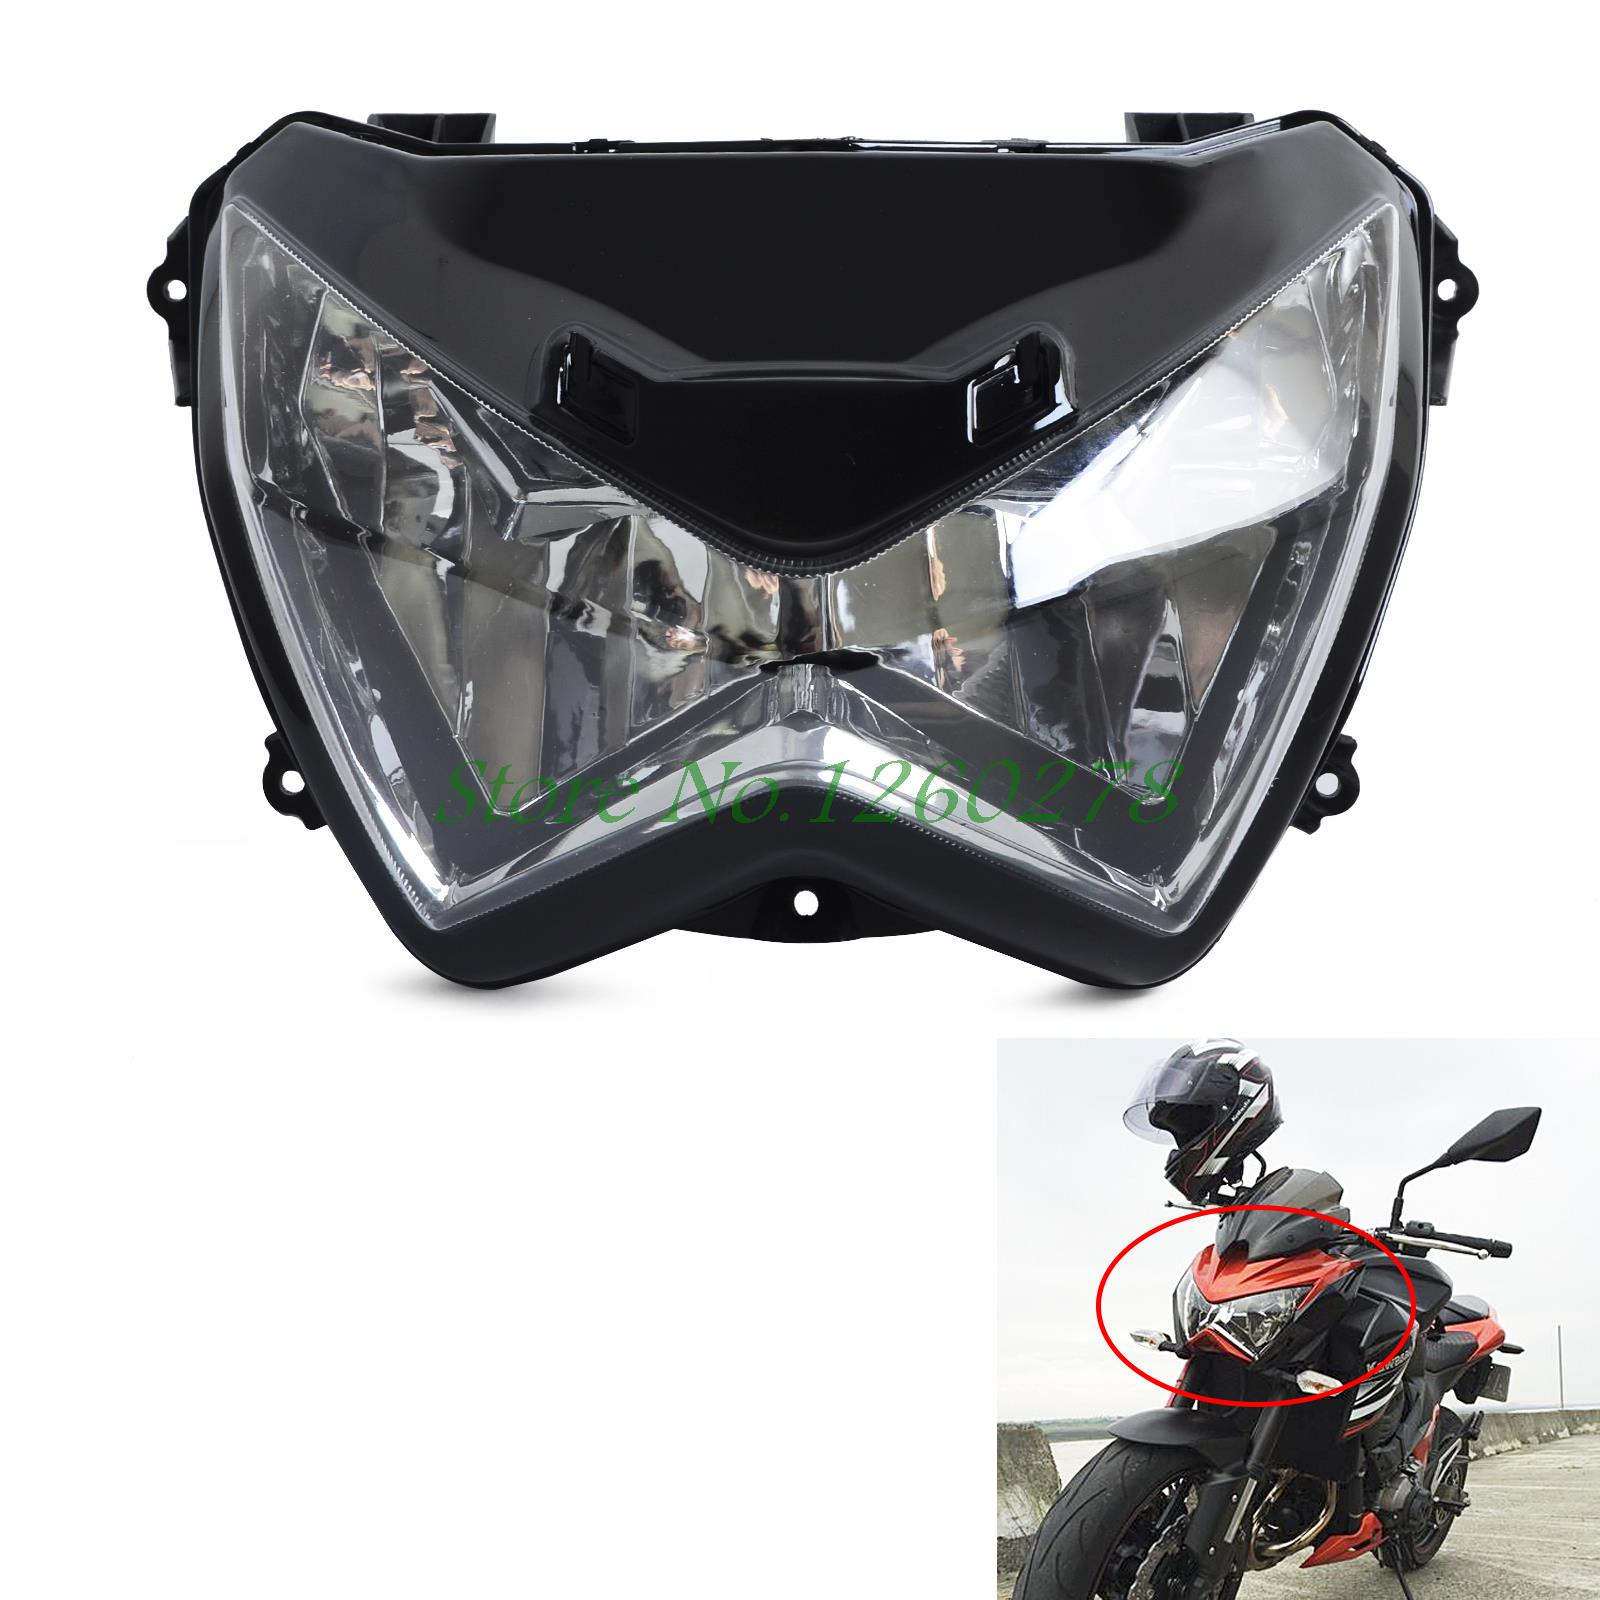 Motocicleta Faro De ensamblaje De Faro delantero para Kawasaki Z800 Z250 2013 -2016 Z300 2015 2016 Faro De La Motocicleta